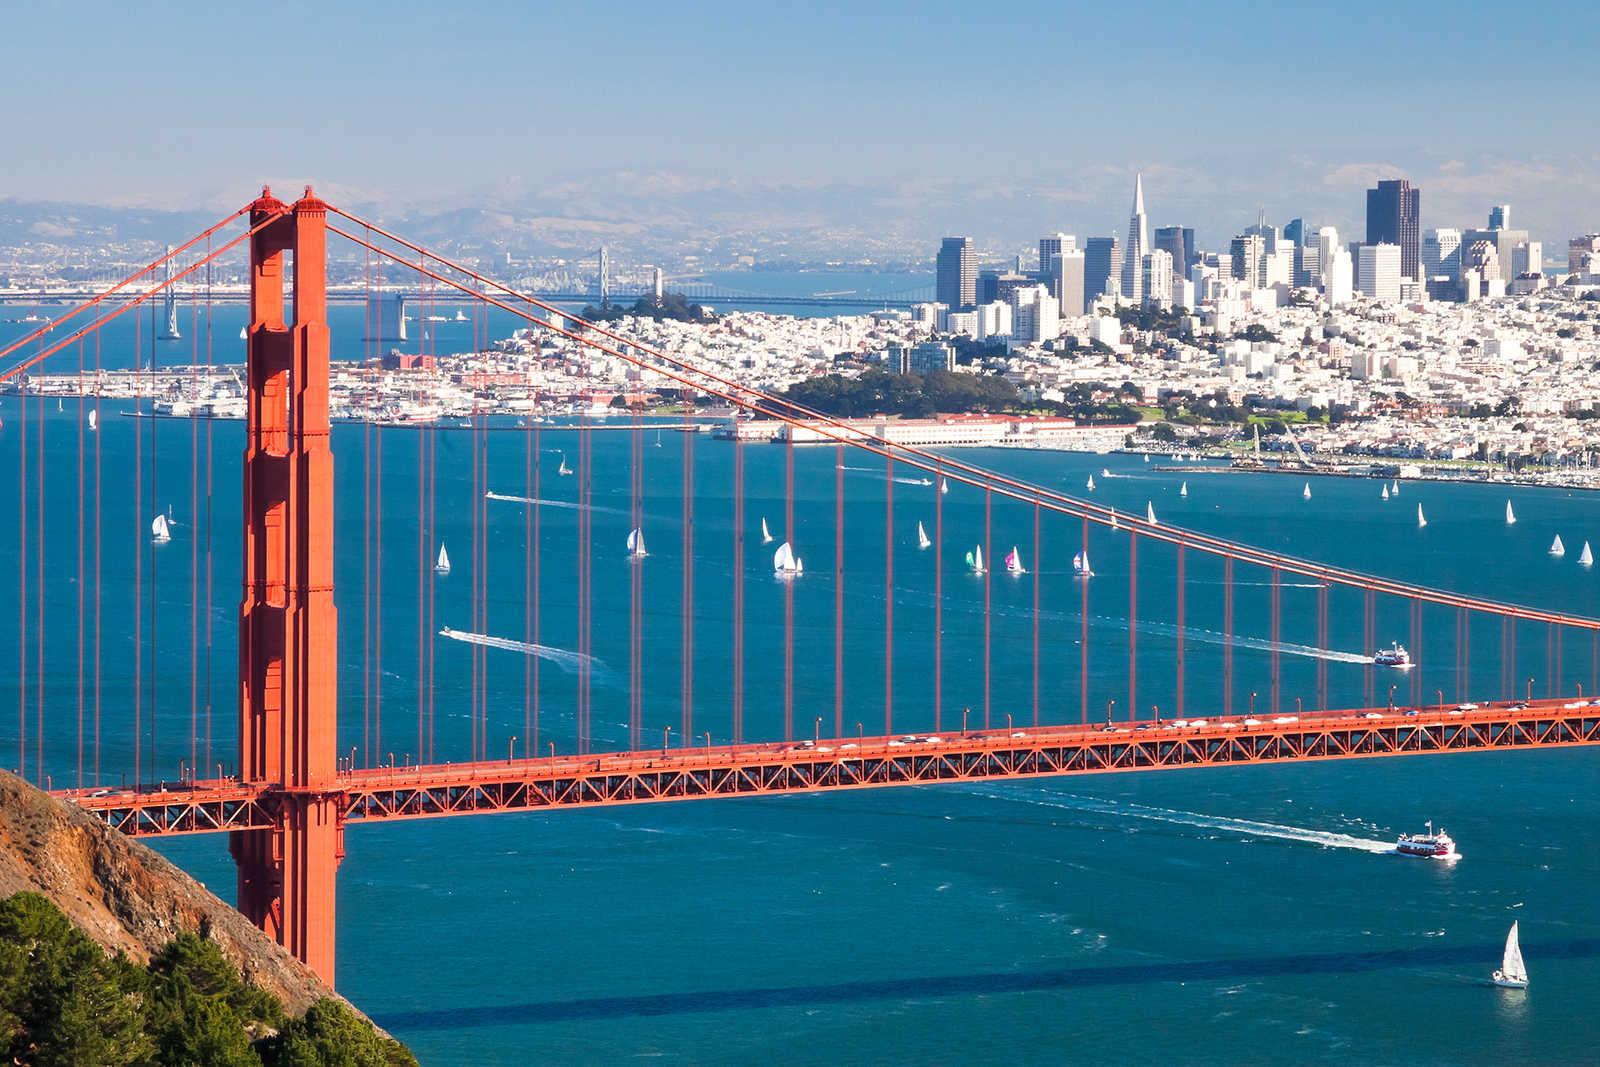 Cầu cổng vàng nổi tiếng thế giới